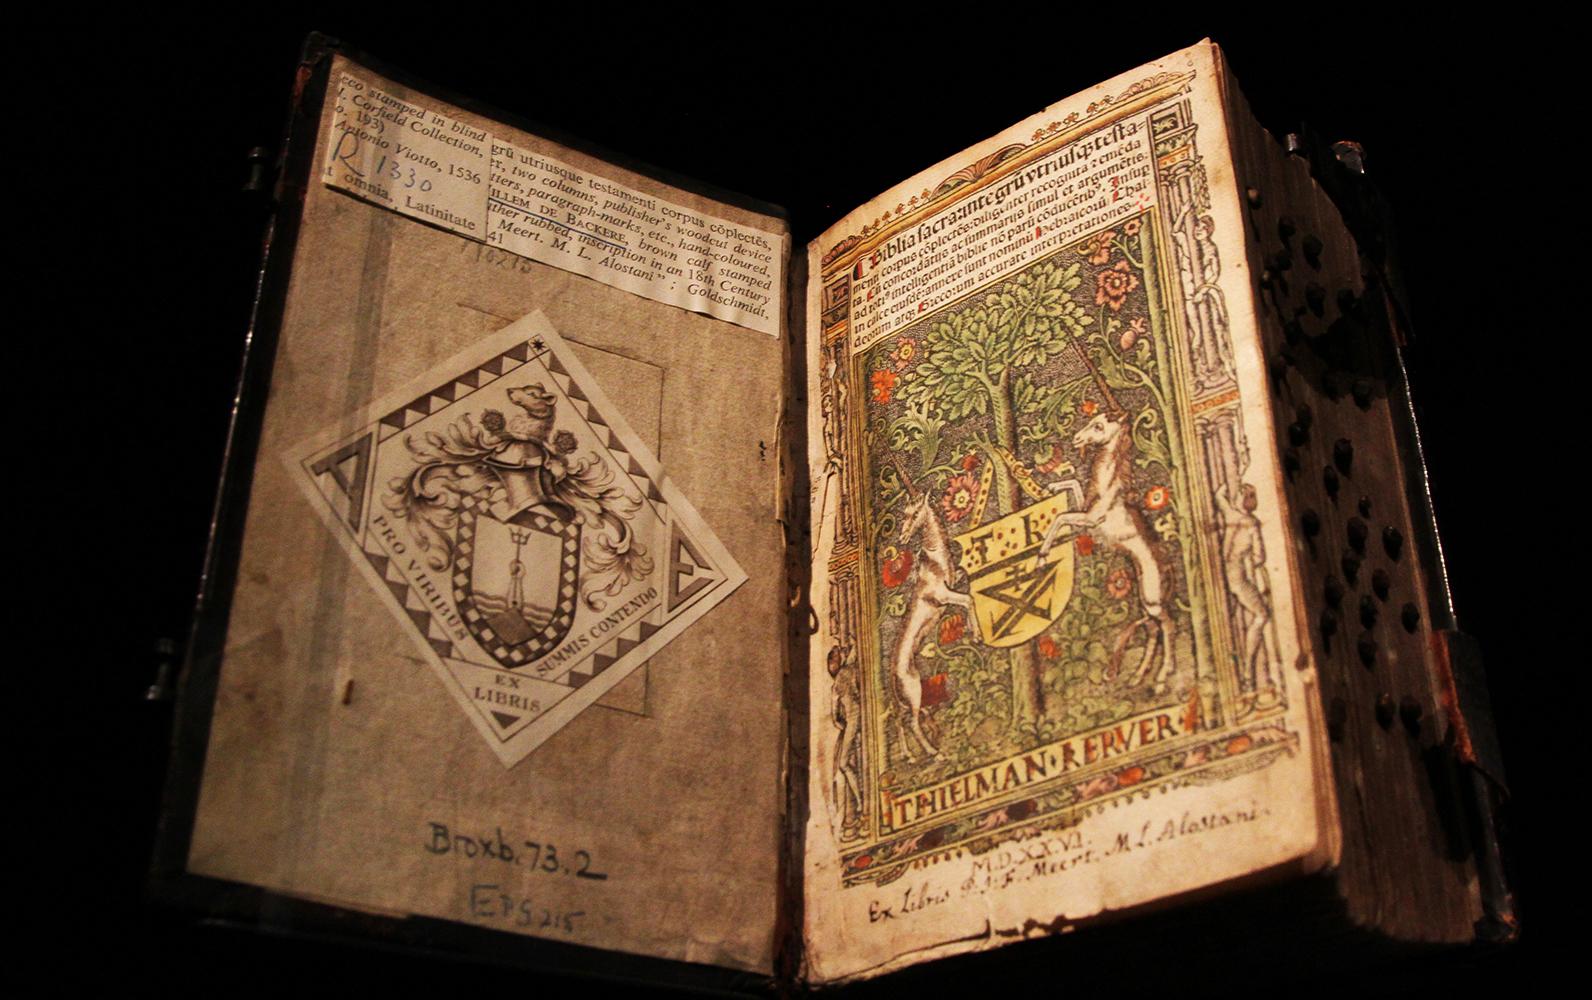 Biblia Sacra (Paris, 1526)